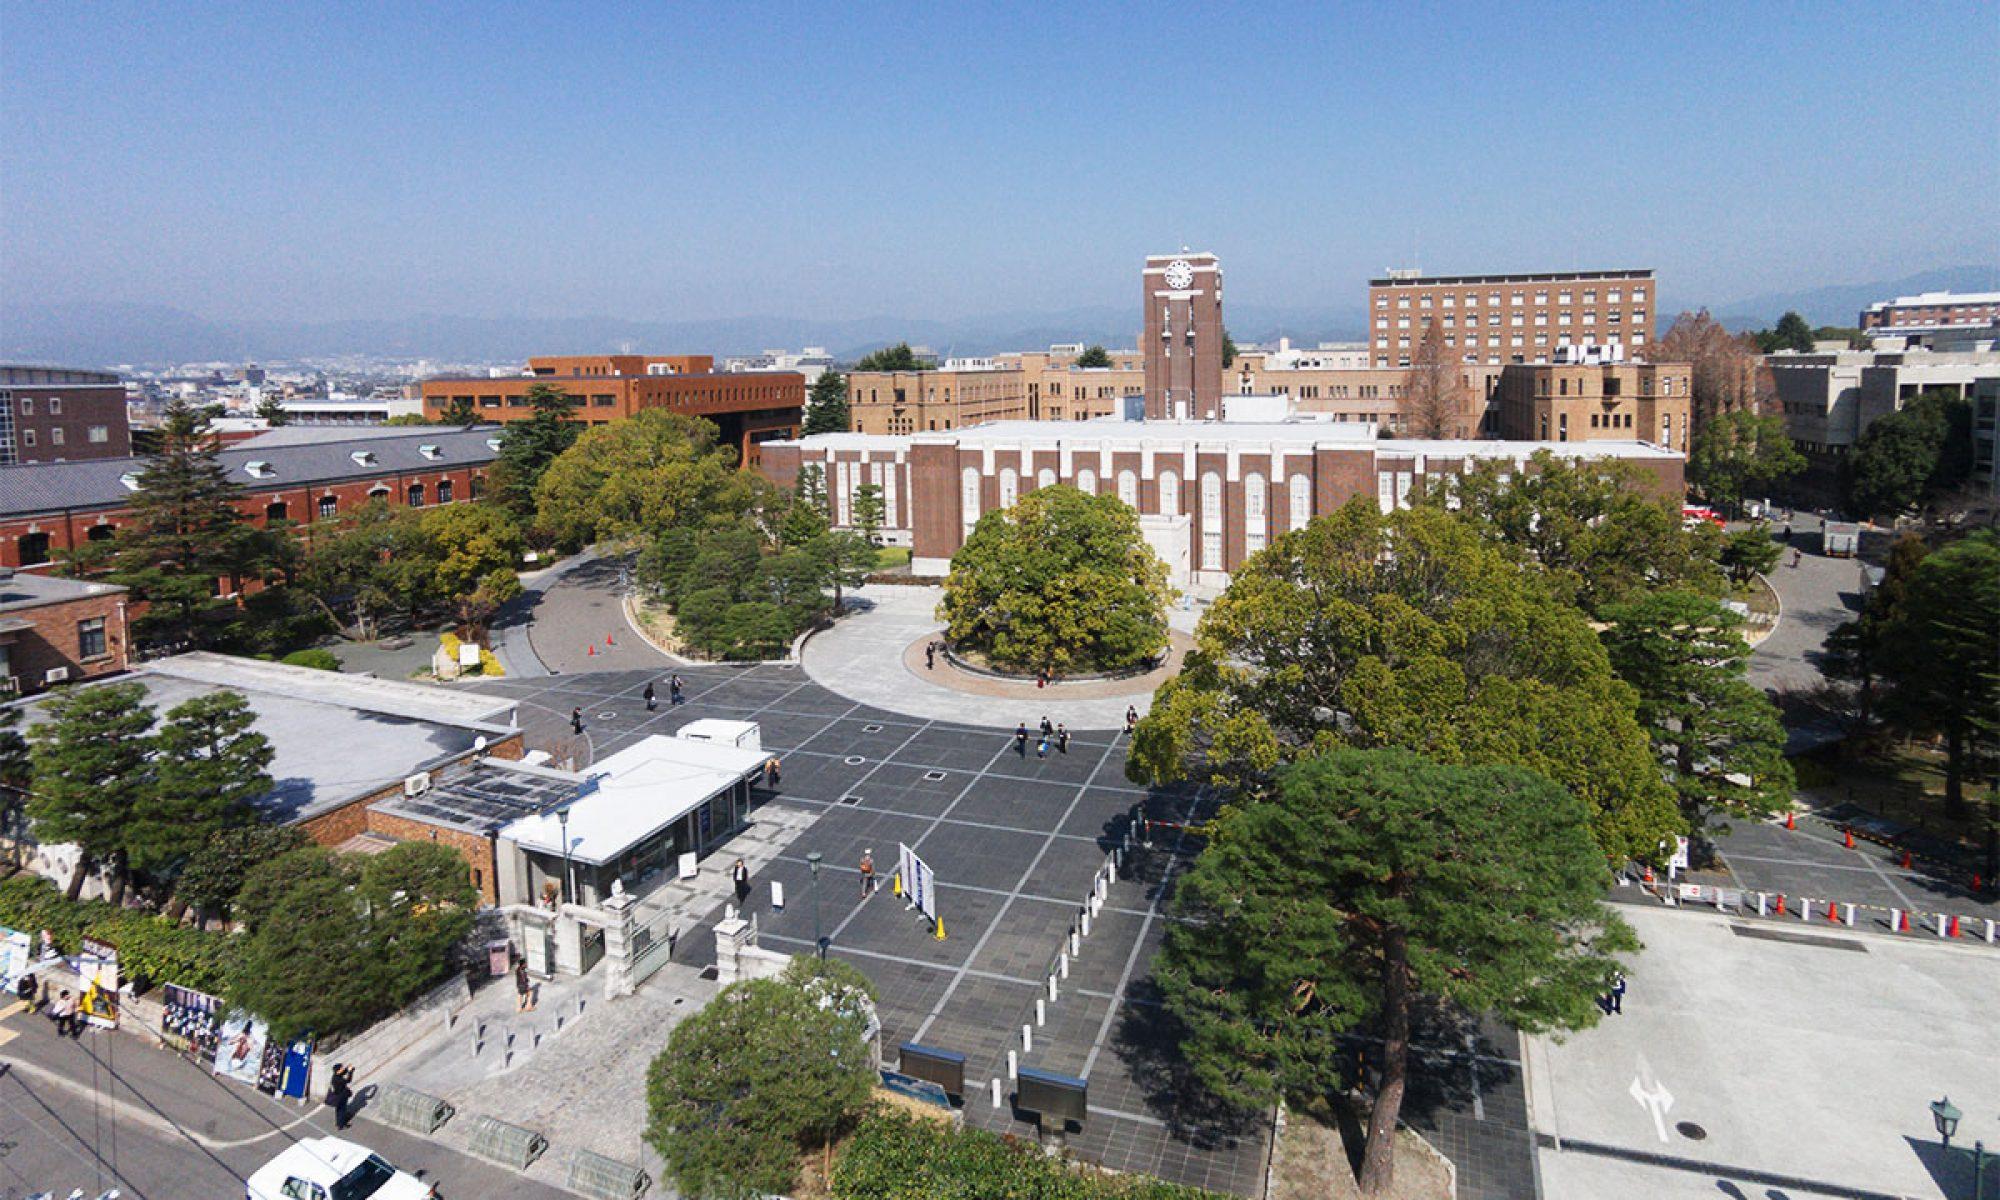 オンライン開催:日本デジタル教科書学会第9回年次大会(京都大会) 「PC1人1台の学校環境を見据えて  - 教育現場の実践と教育学・情報学研究との交流 -」